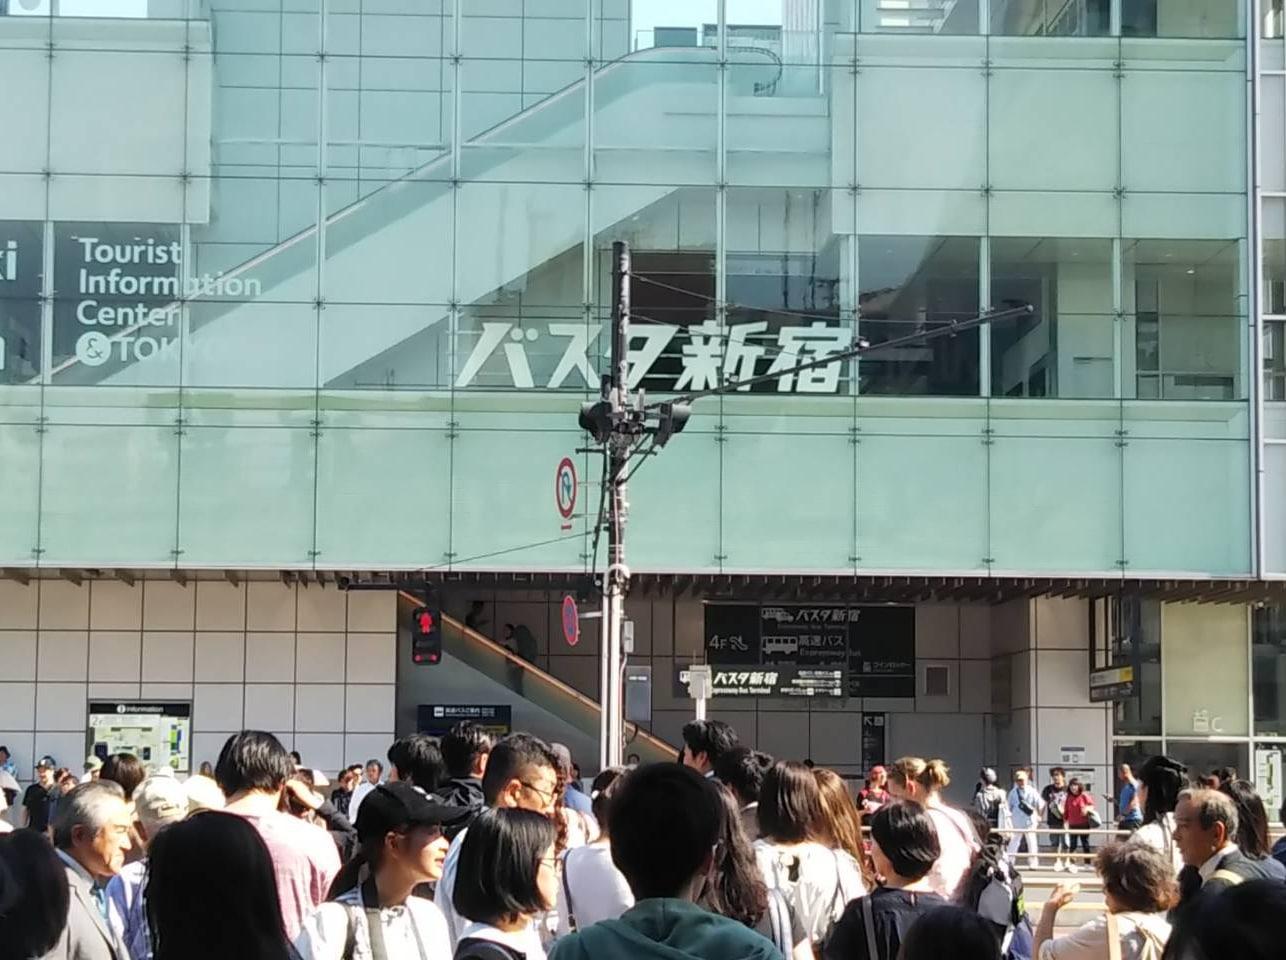 2.目の前にバスタ新宿が見えますので、その横断歩道を渡ります。